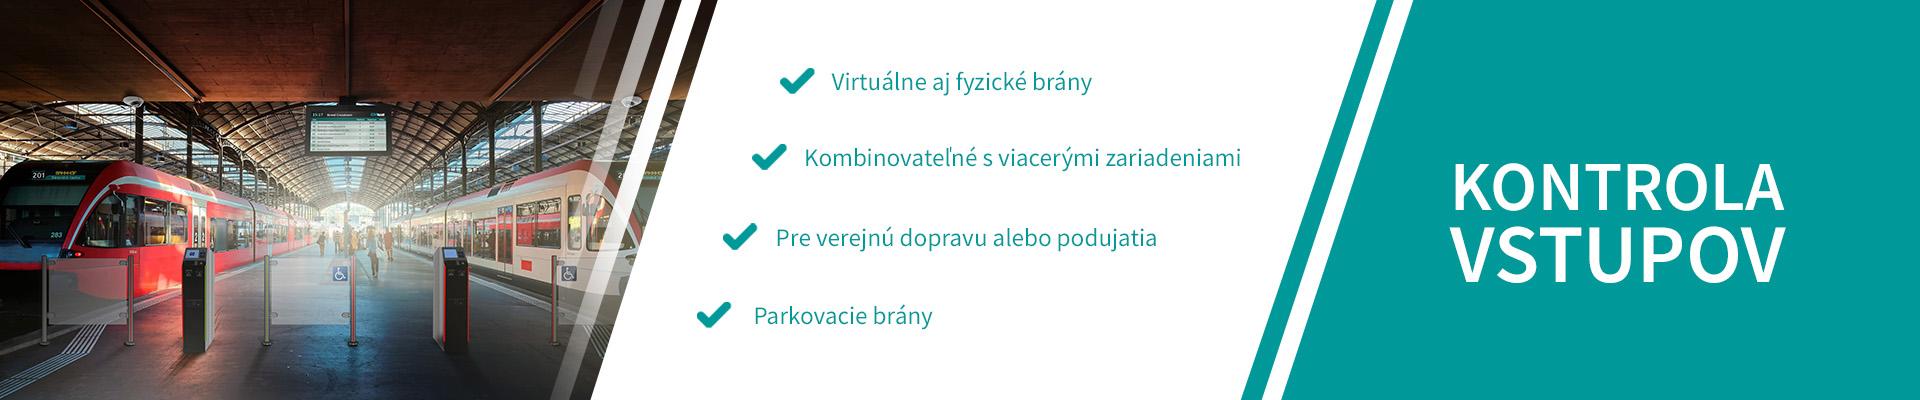 kontrola_vstupov_01_sk